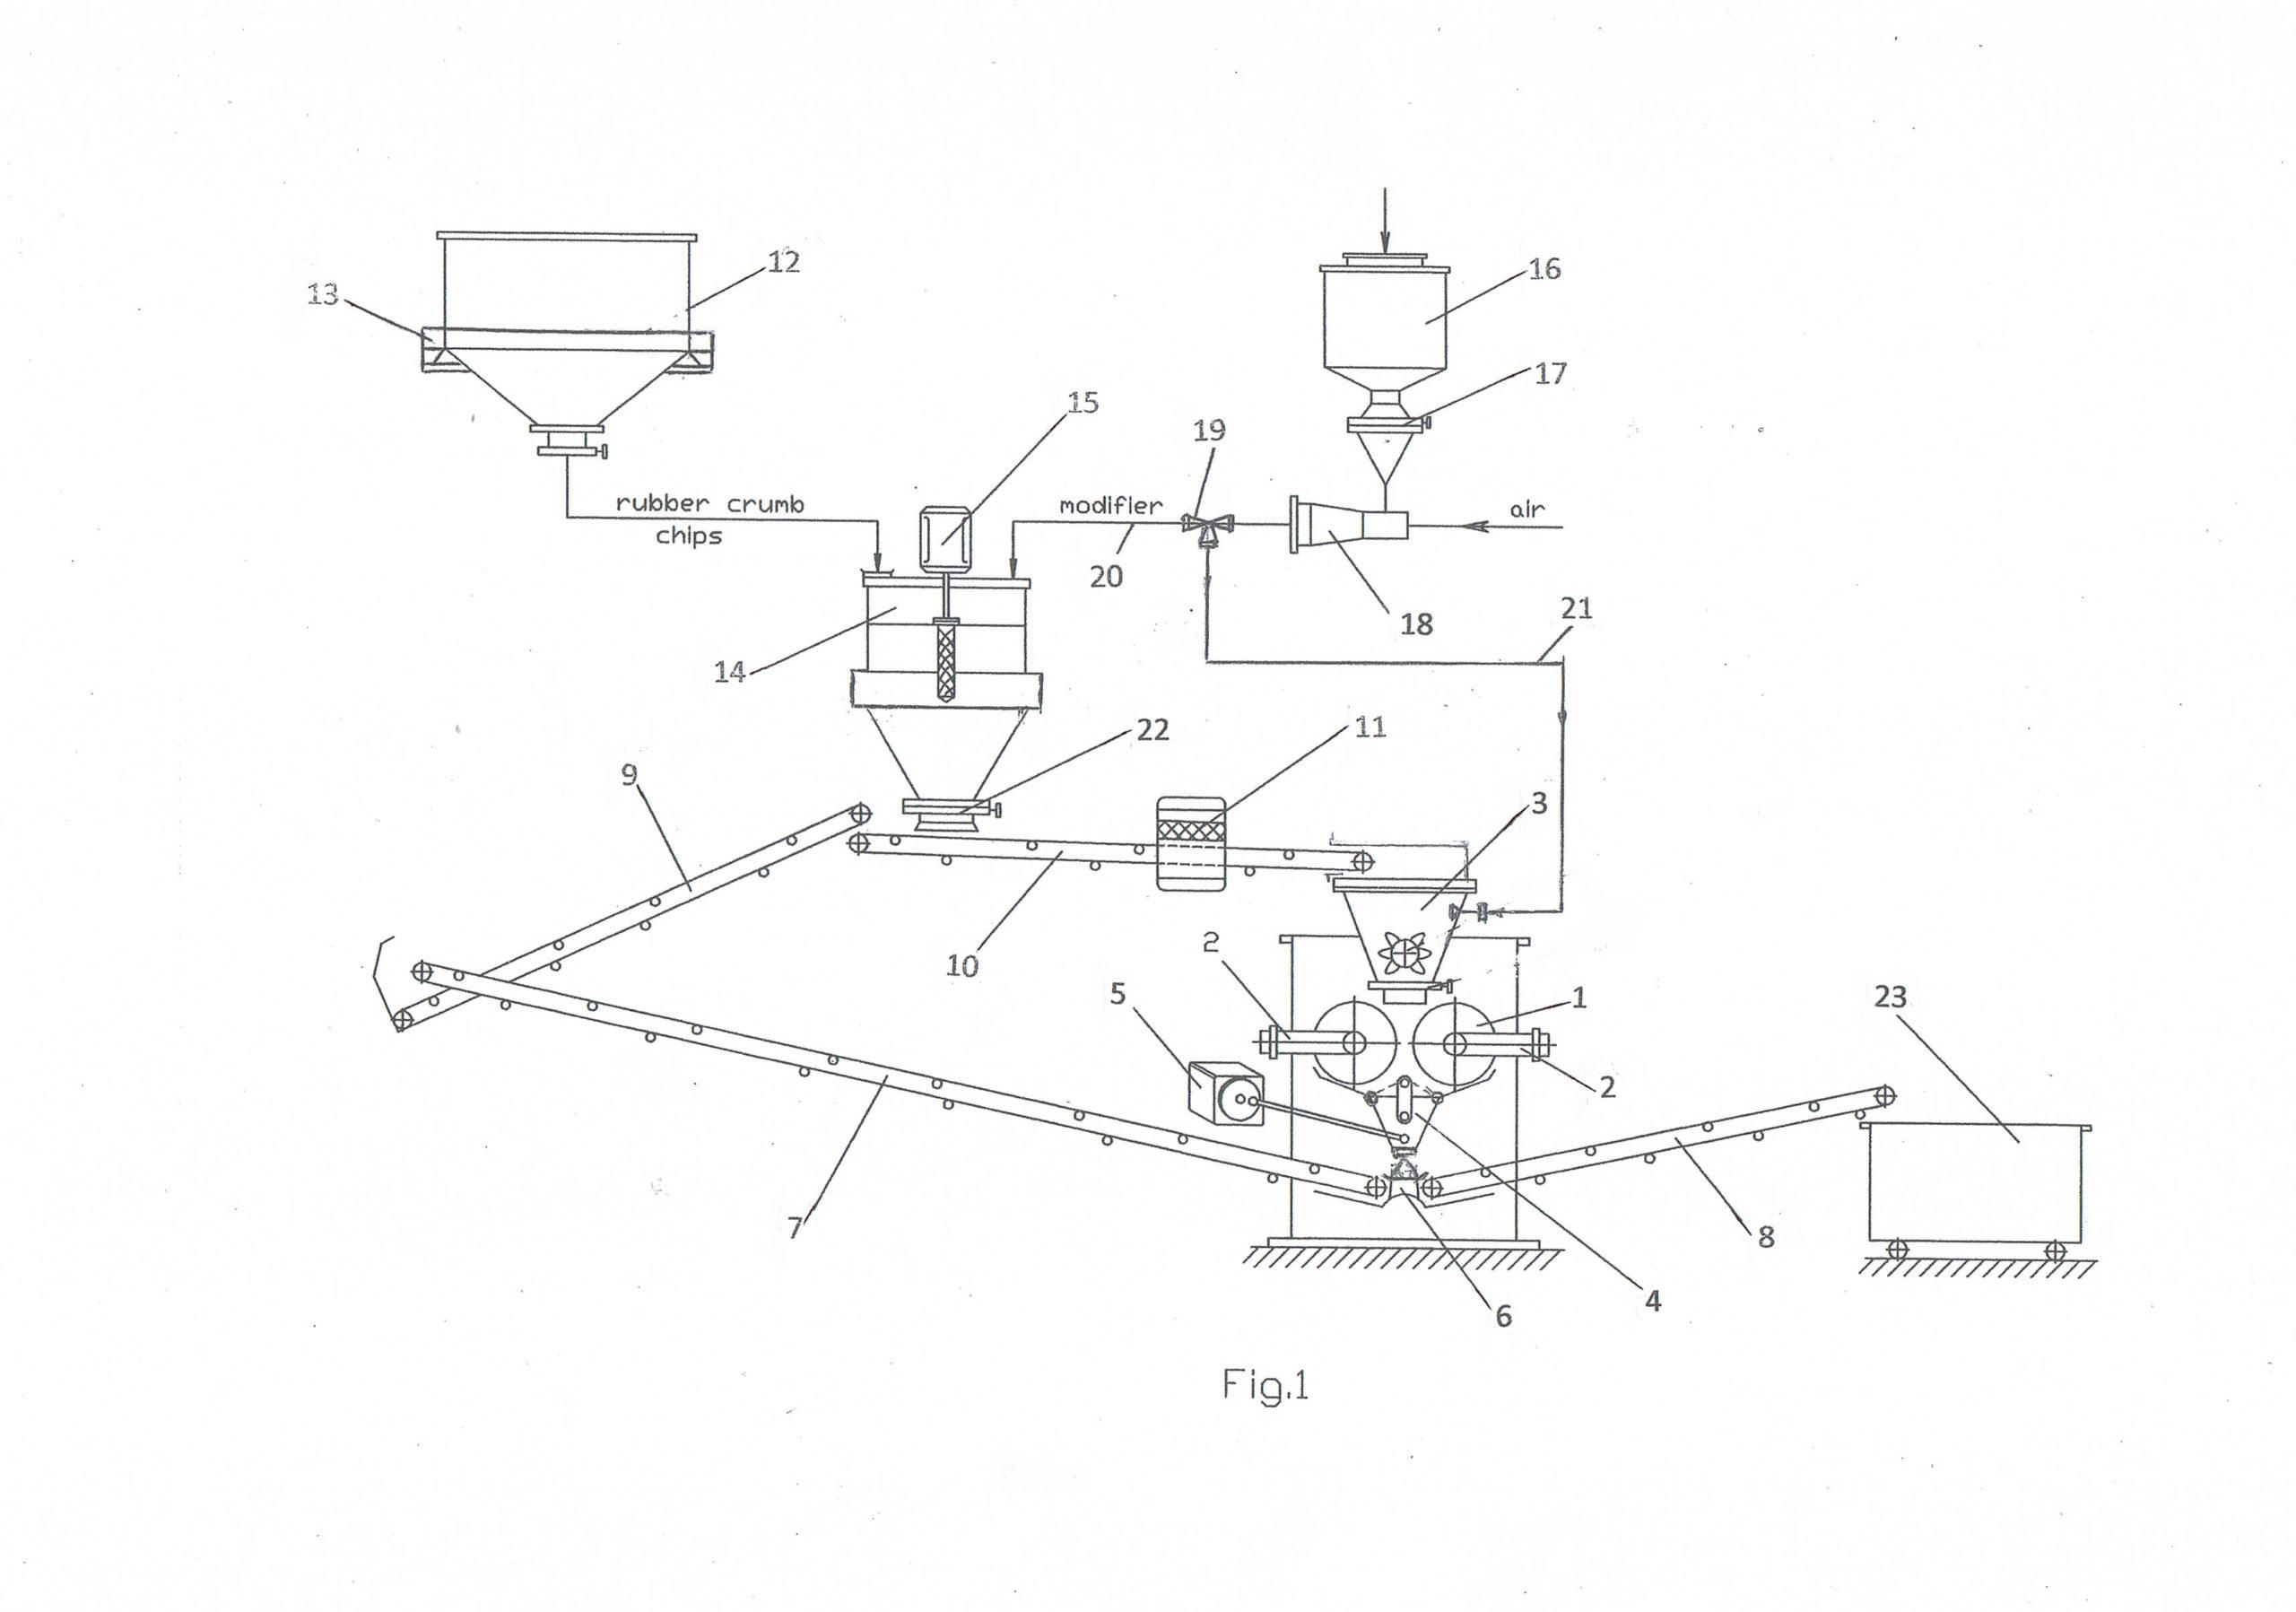 Рис. 1. Принципиальная технологическая схема установки регенерации резиновых отходов, кроки и чипсов при использовании порошкового модификатора